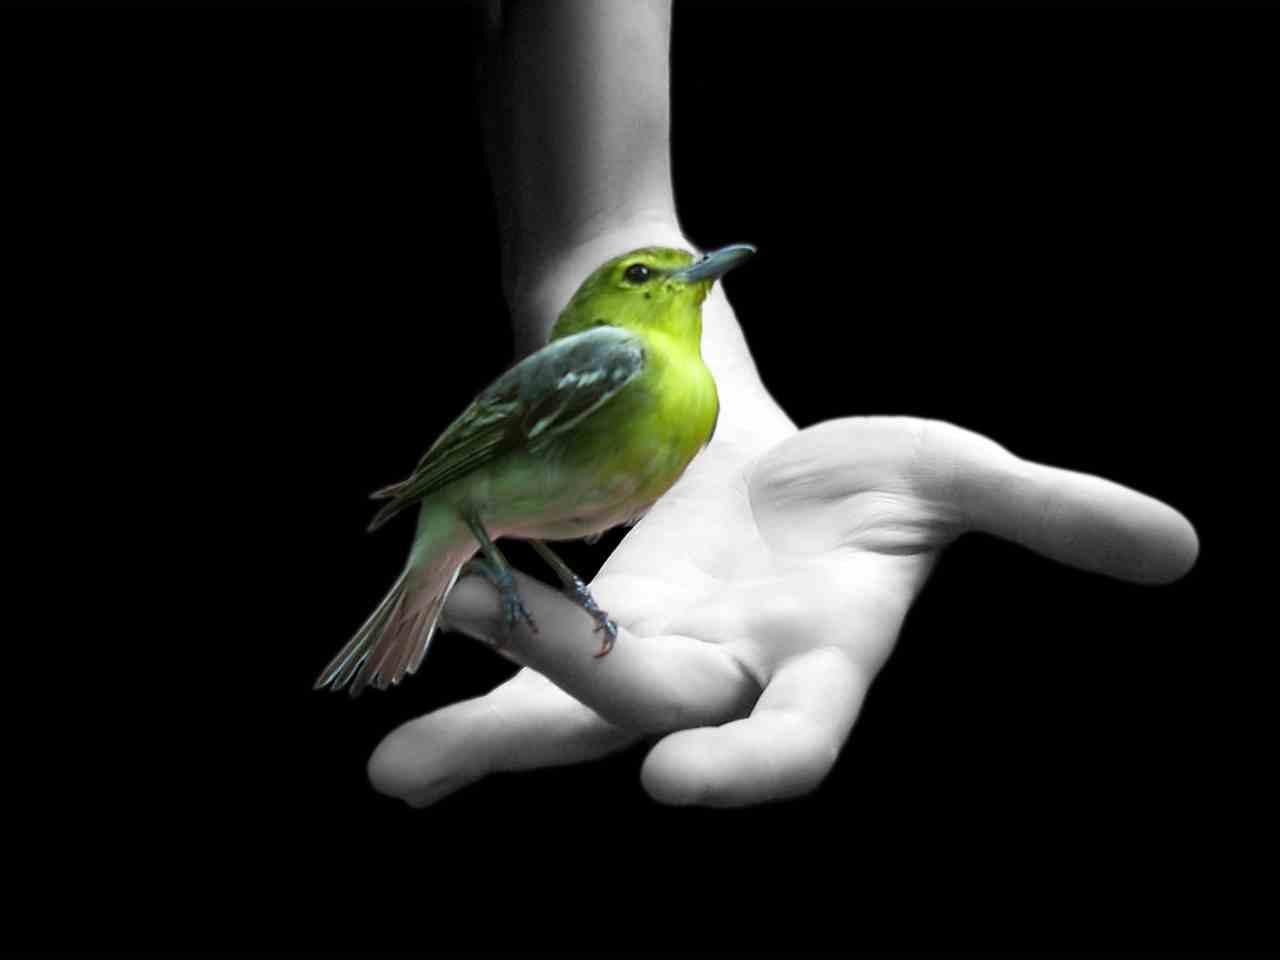 bird_on_hand